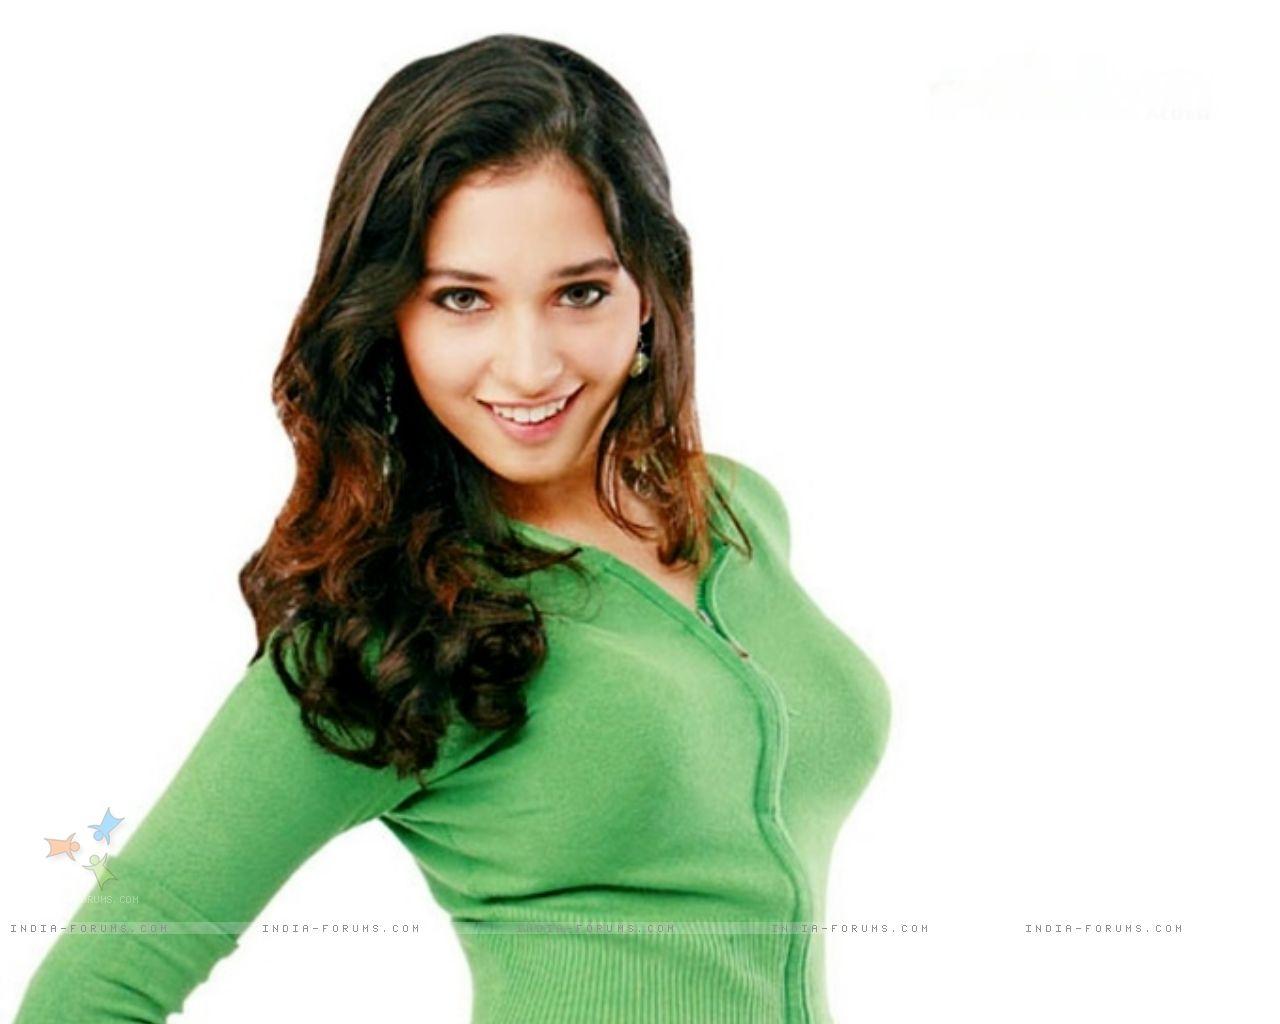 Www Tamanna: South Indian Actress Tamanna Bhatia HD Hot Wellpapers